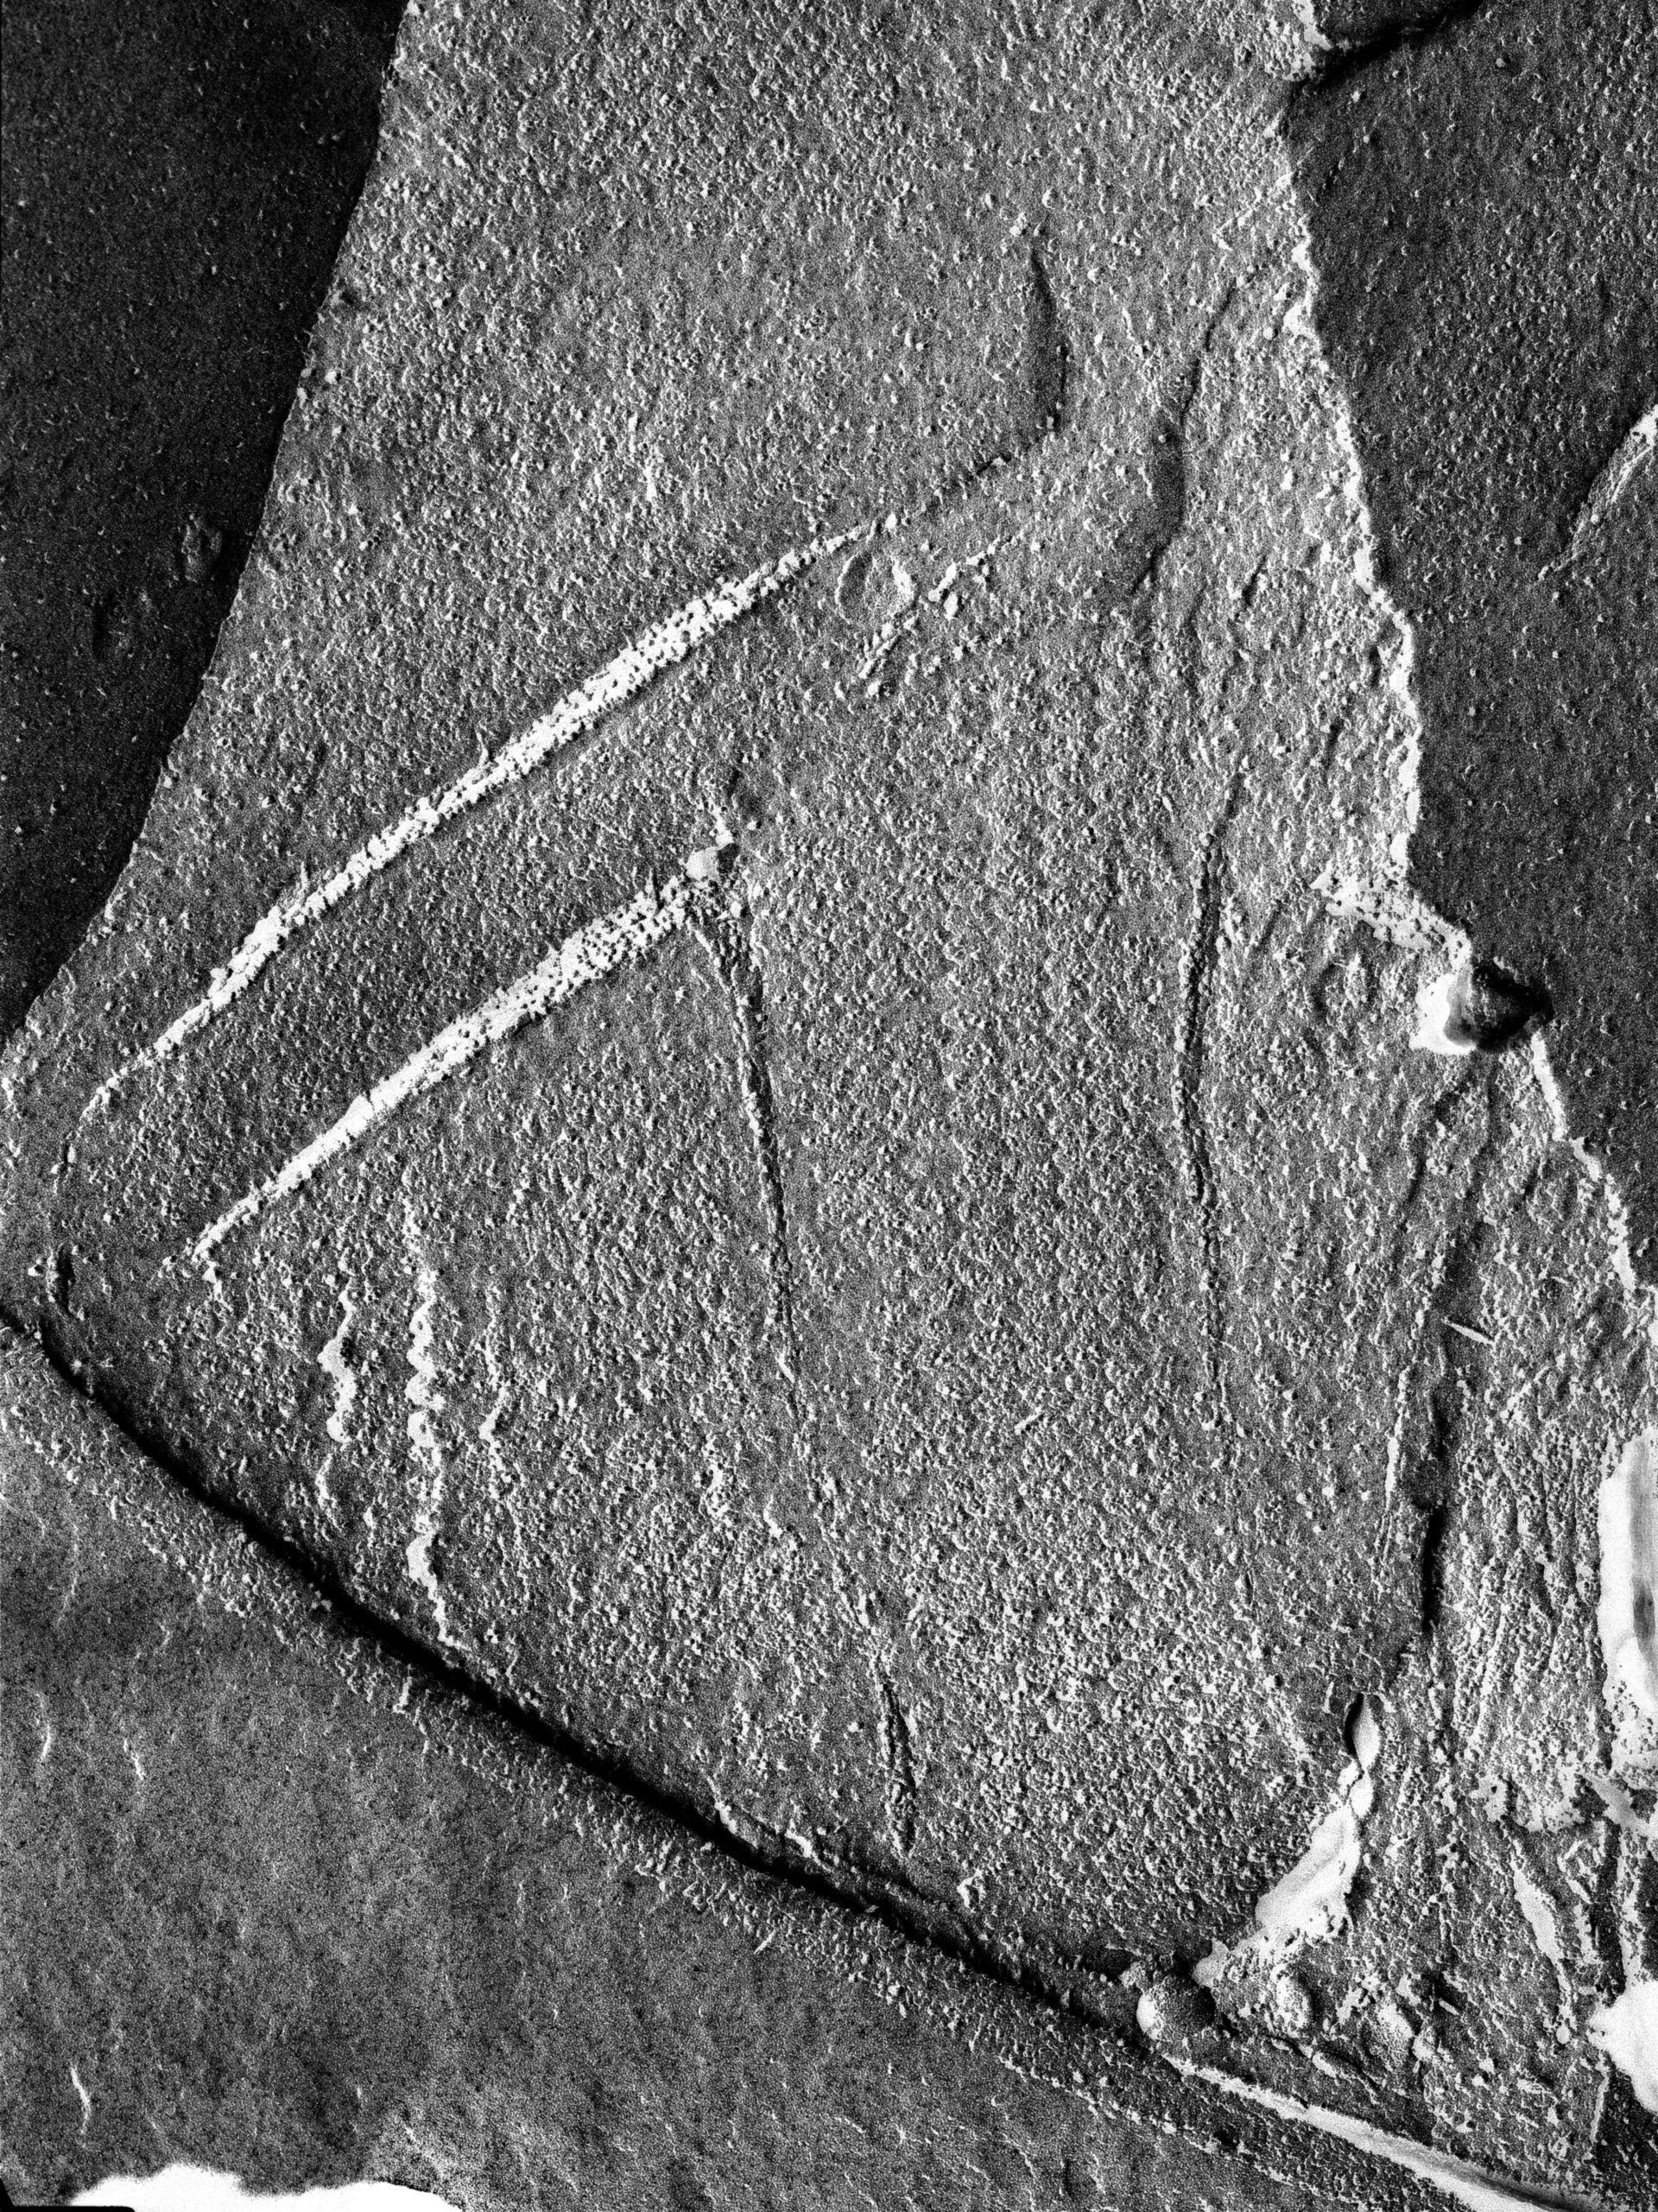 Oscillatoria tenuis (Thylakoid) - CIL:14702